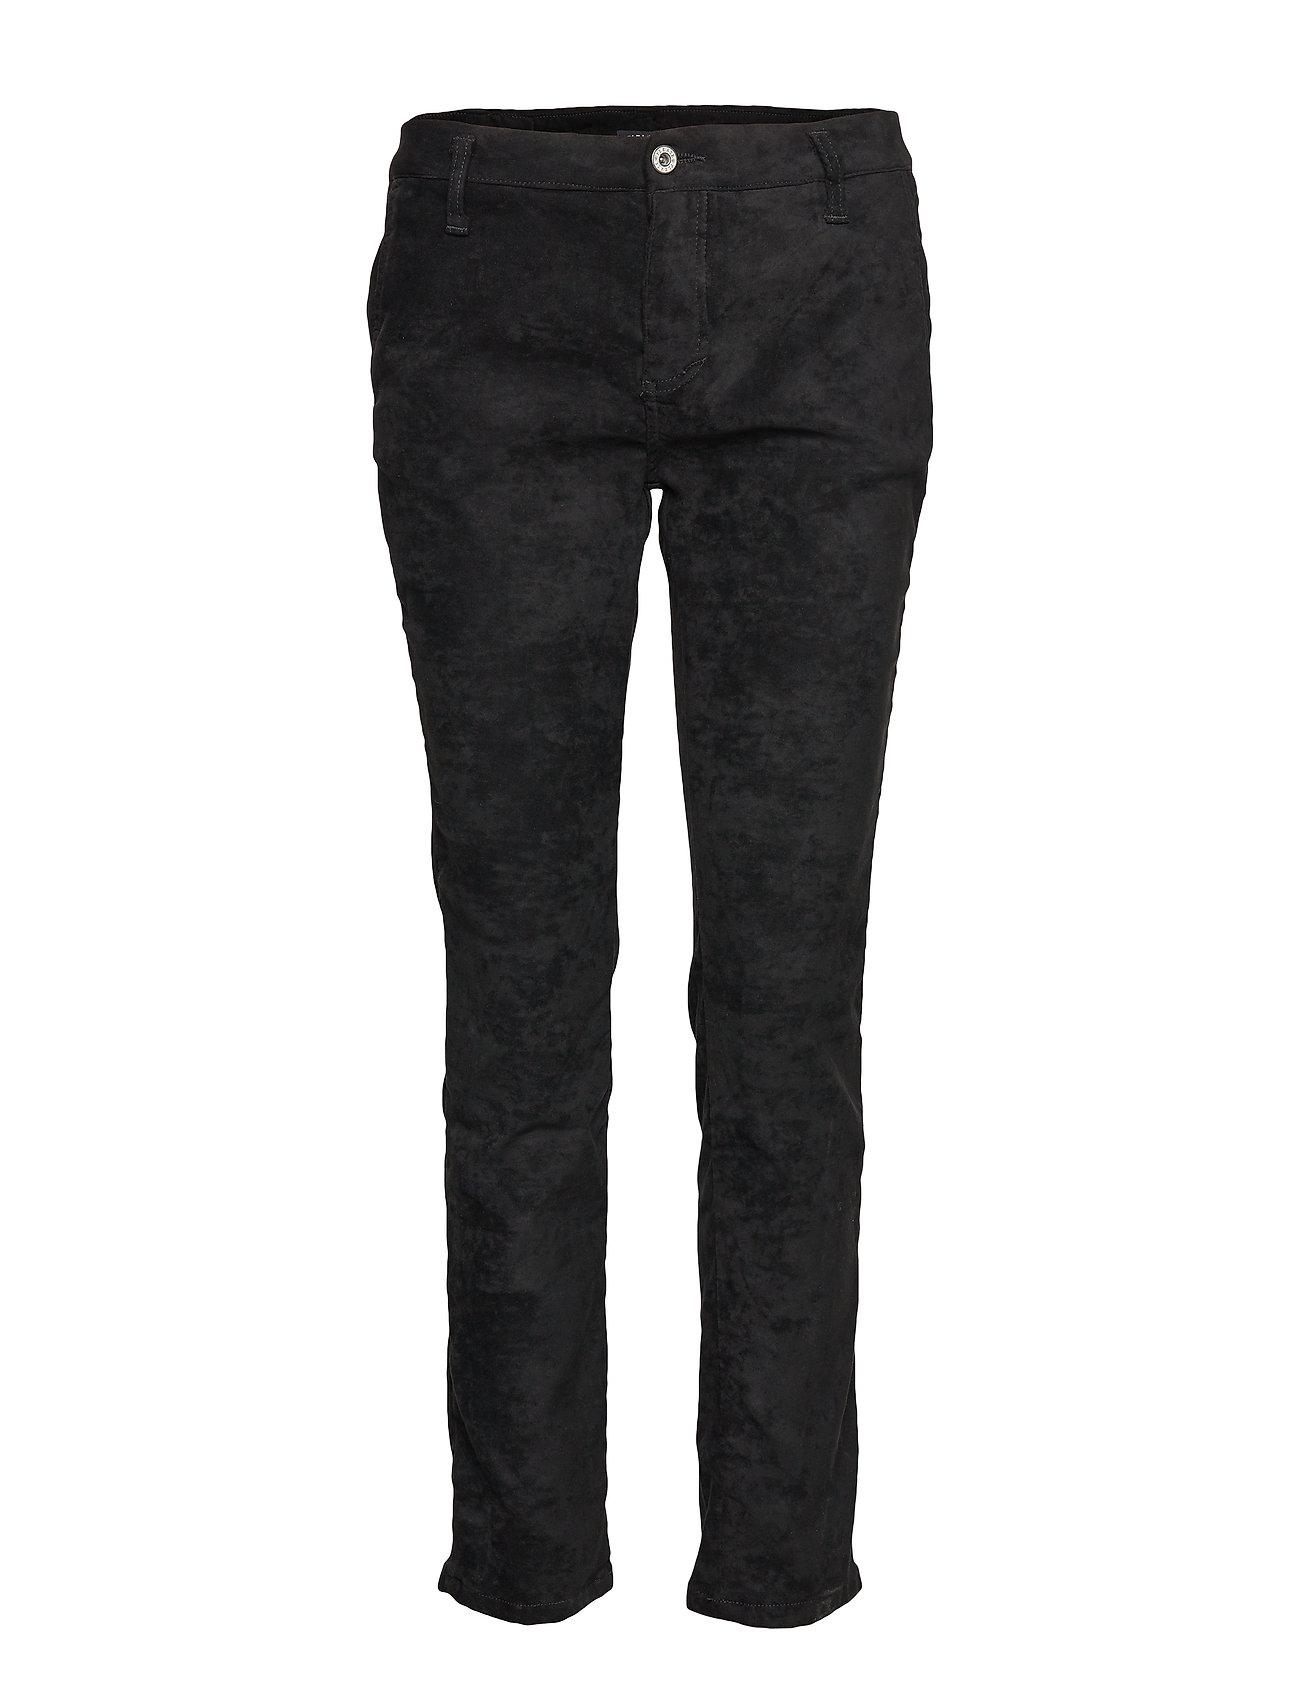 Please Jeans CHINO FILETTO VEGAN LEATHER - NERO